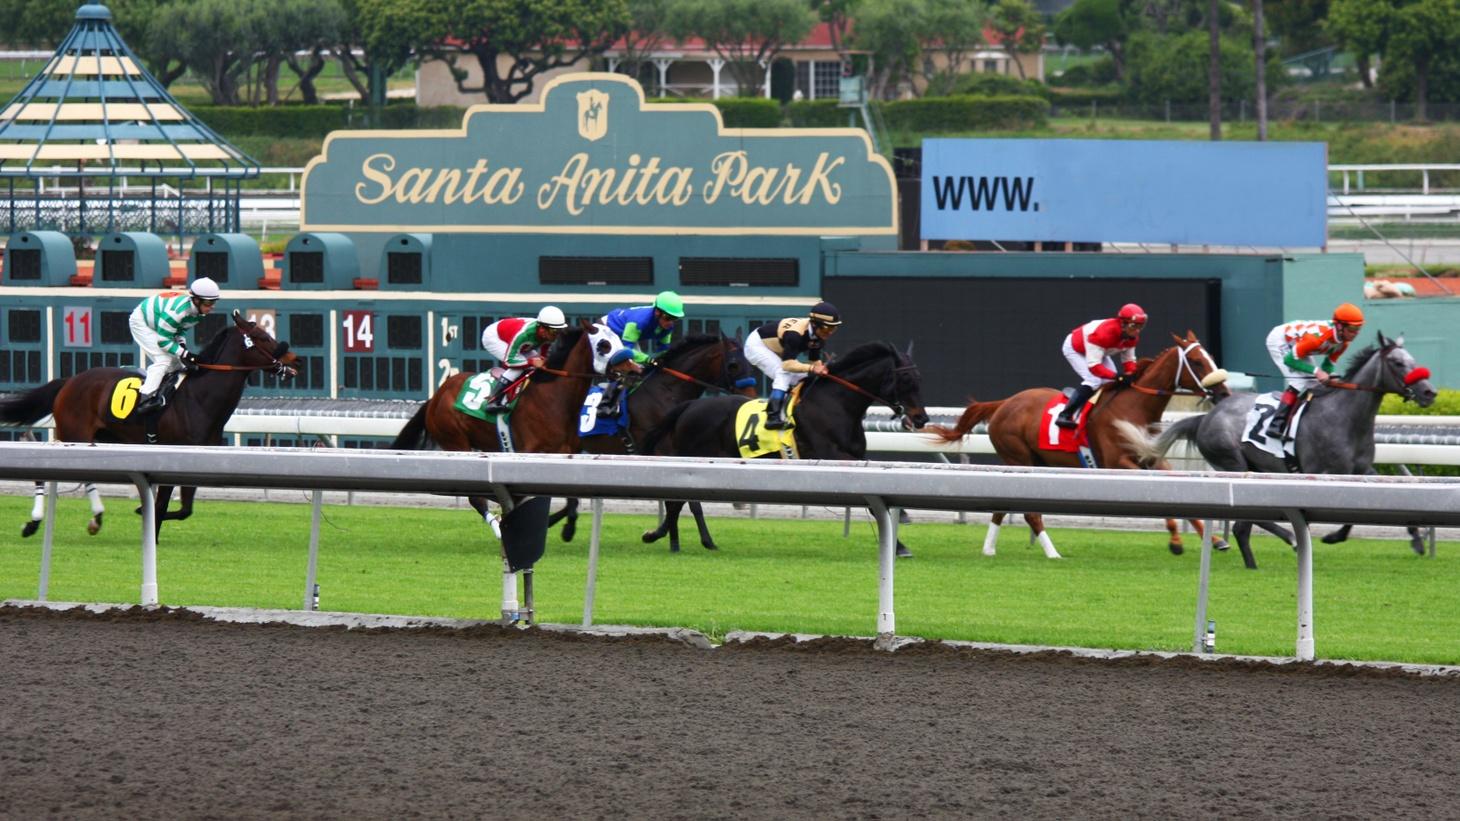 A race at Santa Anita Park.